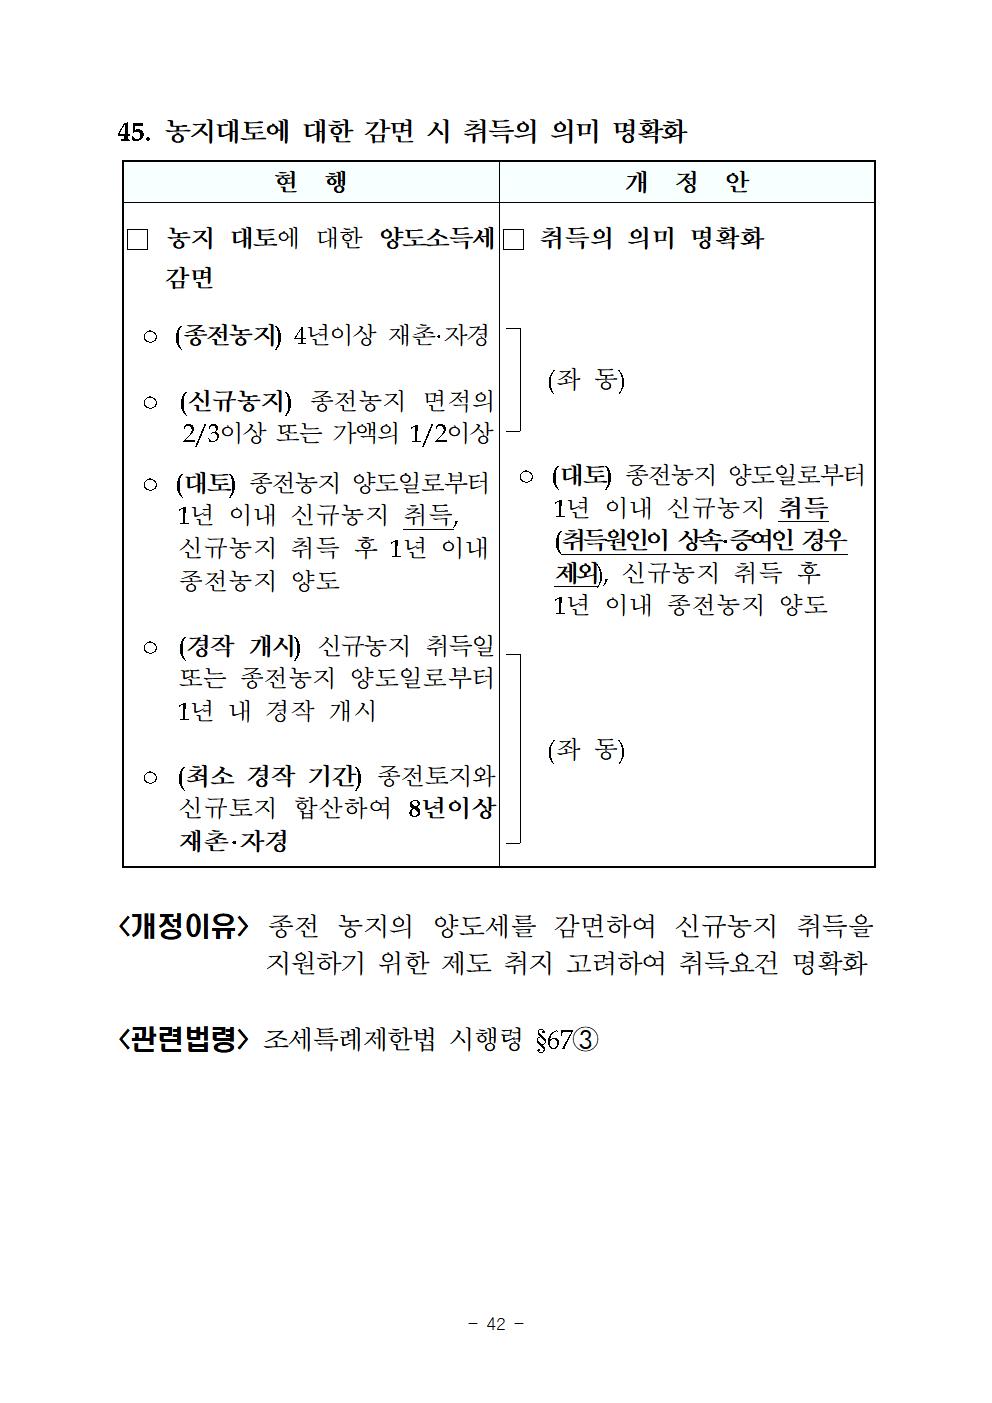 2019년세법개정내용(양도소득세분야)047.png